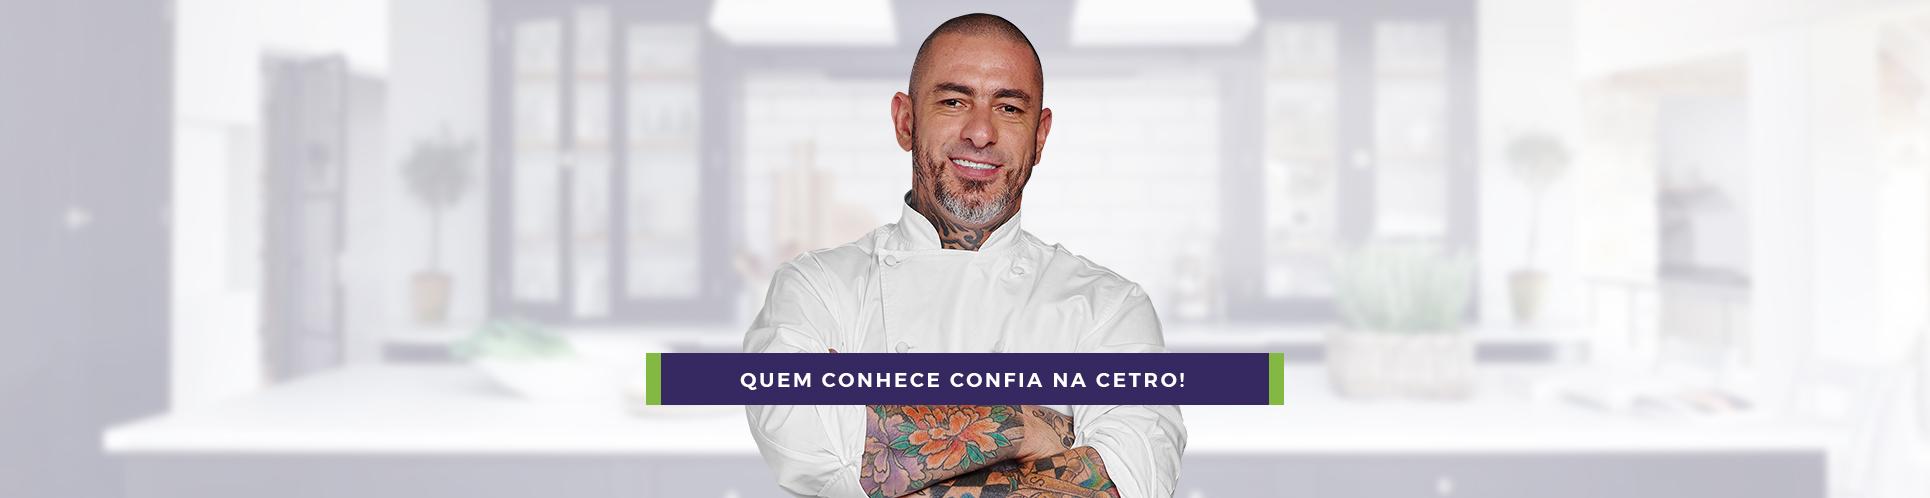 Cetro - Henrique Fogaca